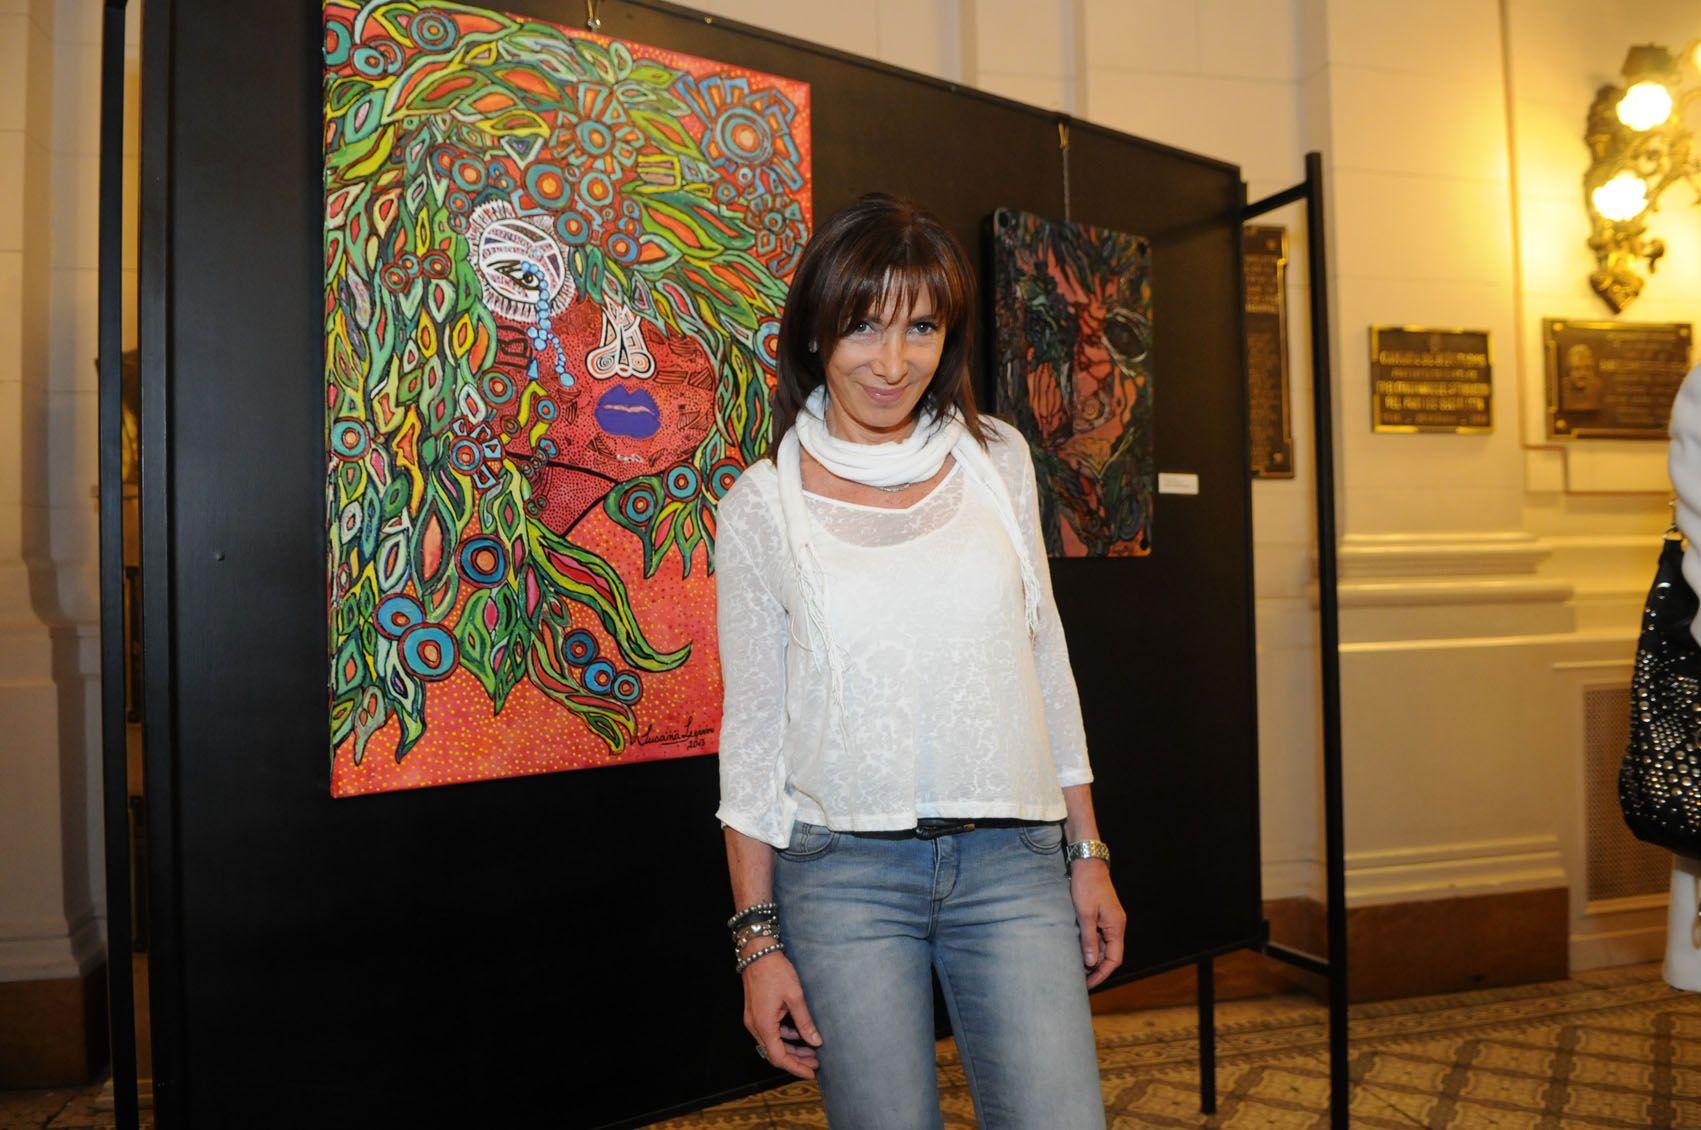 La artista plástica Susana Levin presentó su muestra de pinturas Miradas en la Legislatura de Santa Fe.